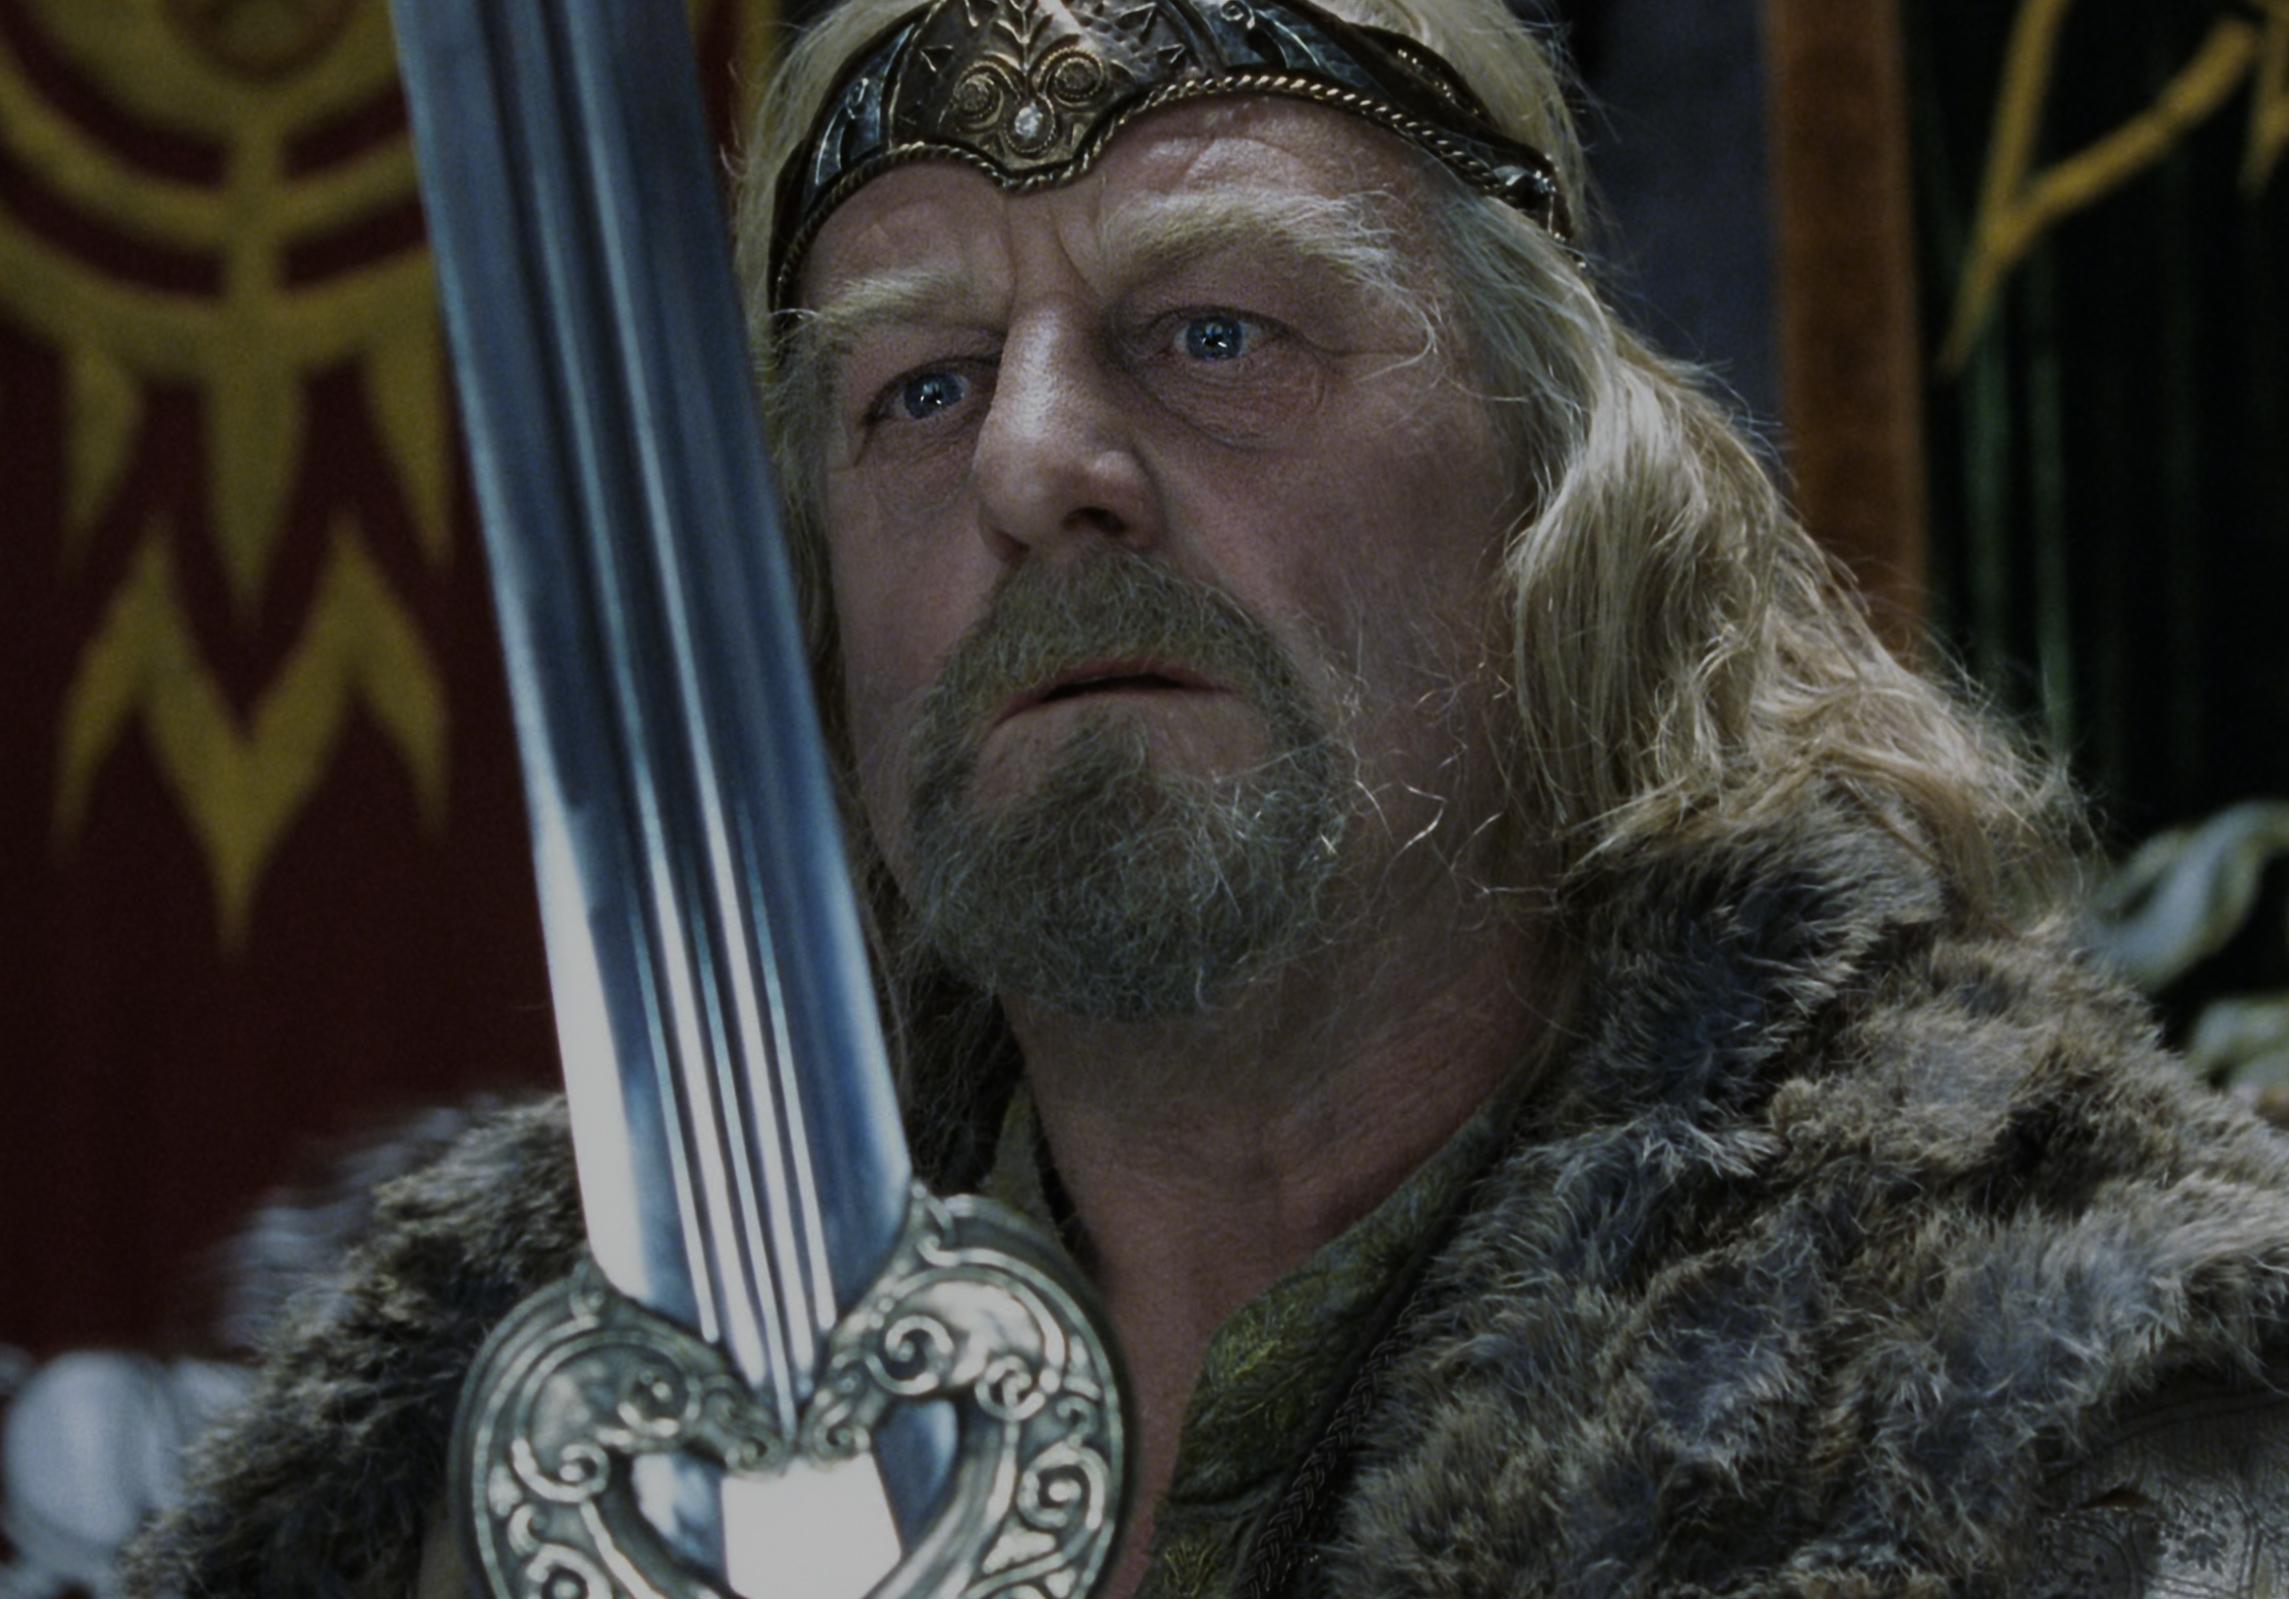 Herugrim-Lord-of-the-Rings-Swords